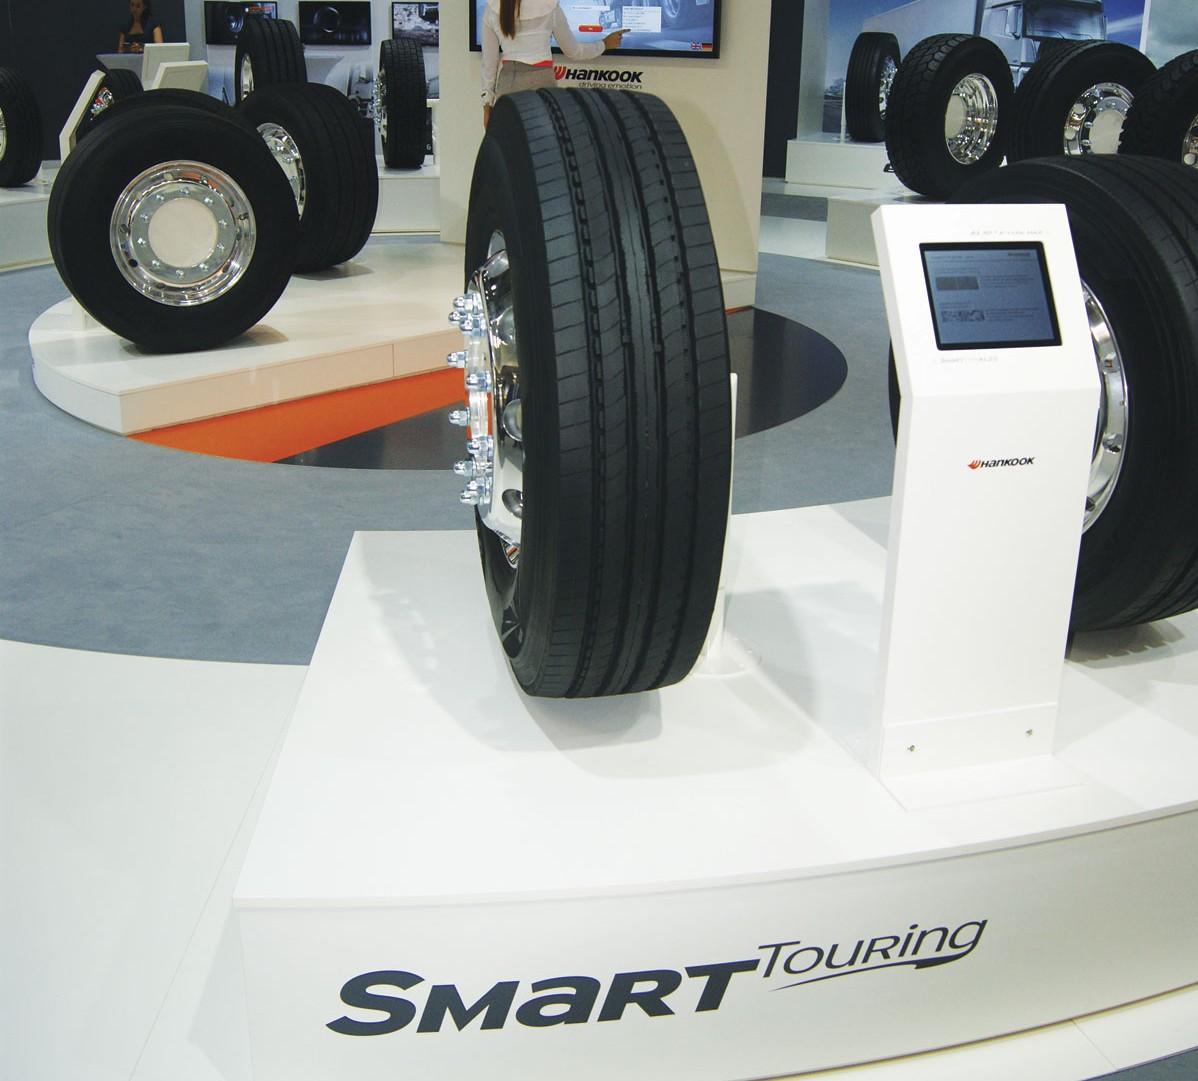 Hankook's new SmartTouring AL22